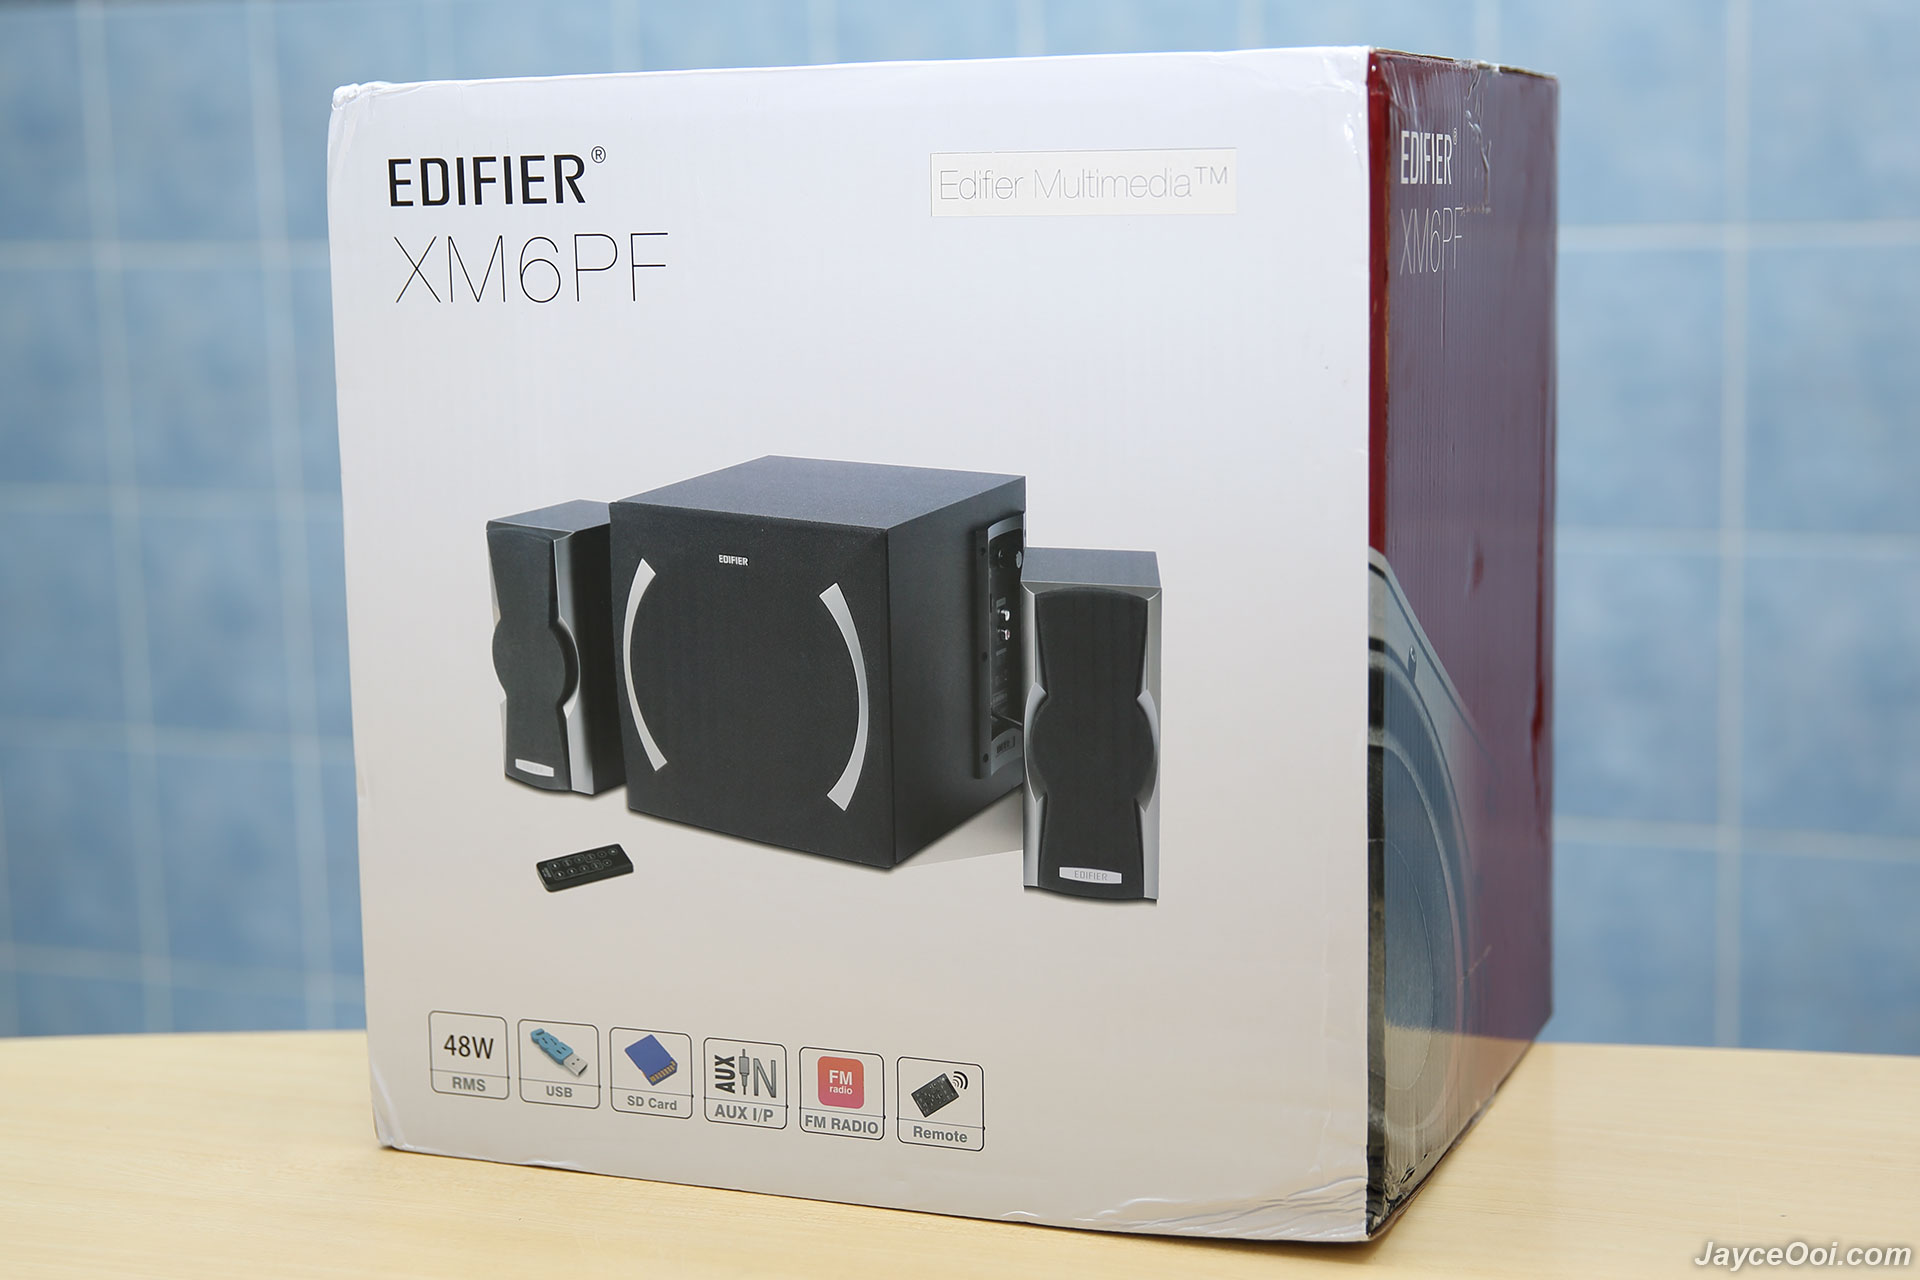 edifier xm6pf desktop speaker edifier xm6pf dekstop speaker Edifier XM6PF Dekstop Speaker Edifier XM6PF Desktop Speaker